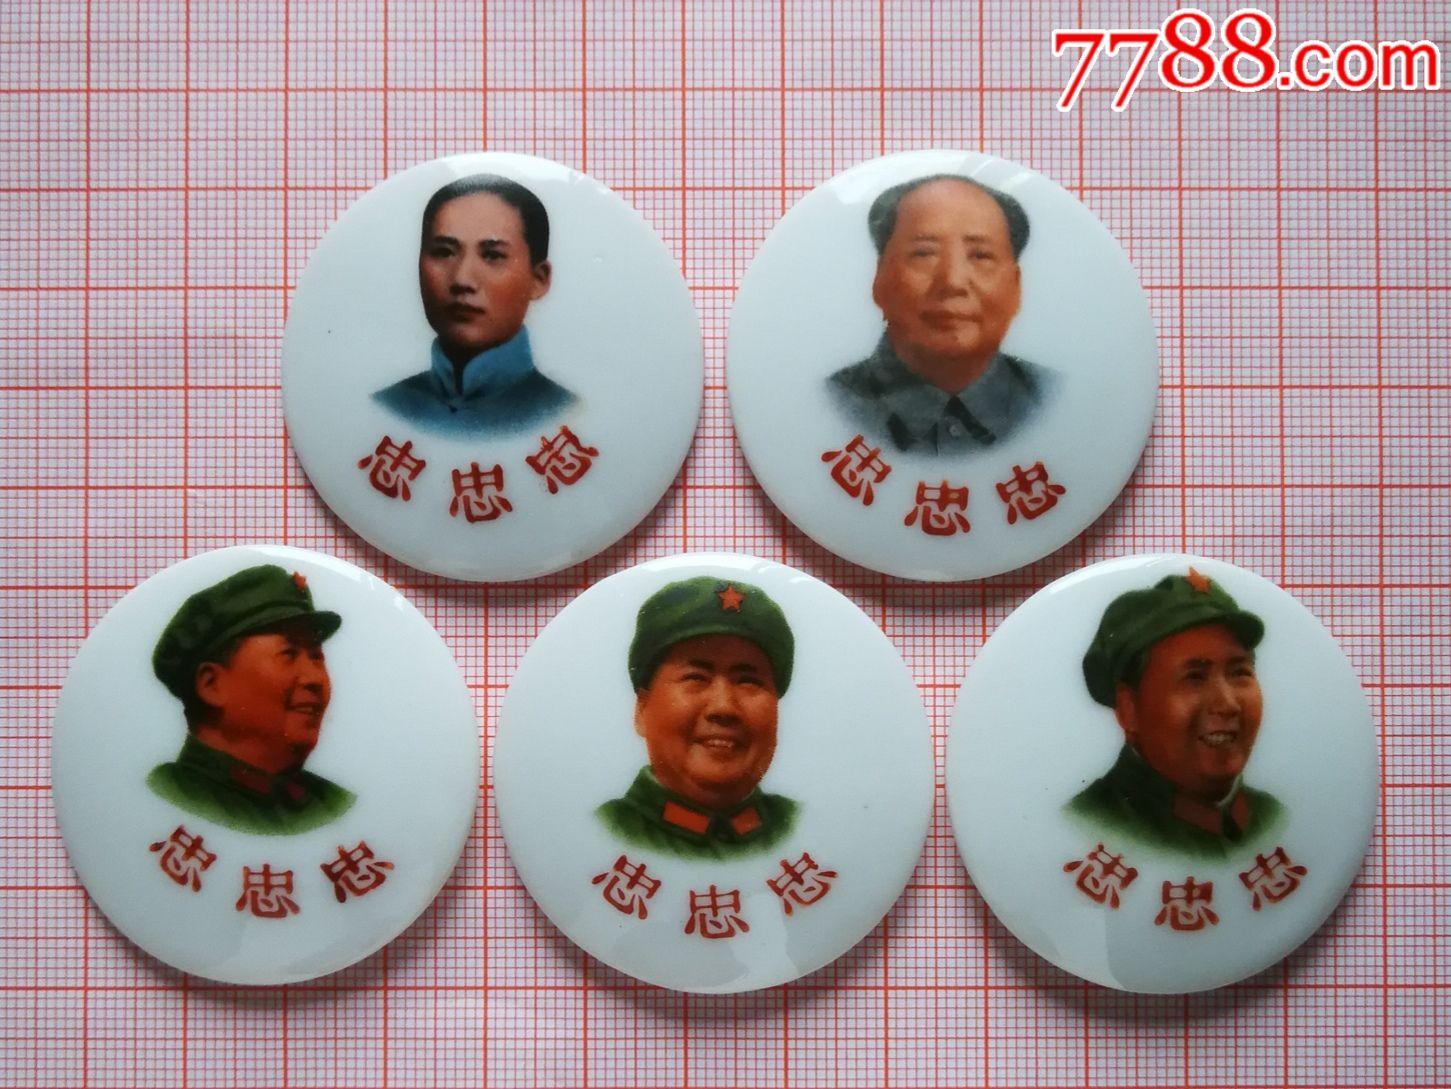 湖南(1)建湘瓷厂三忠于套章(au19740963)_